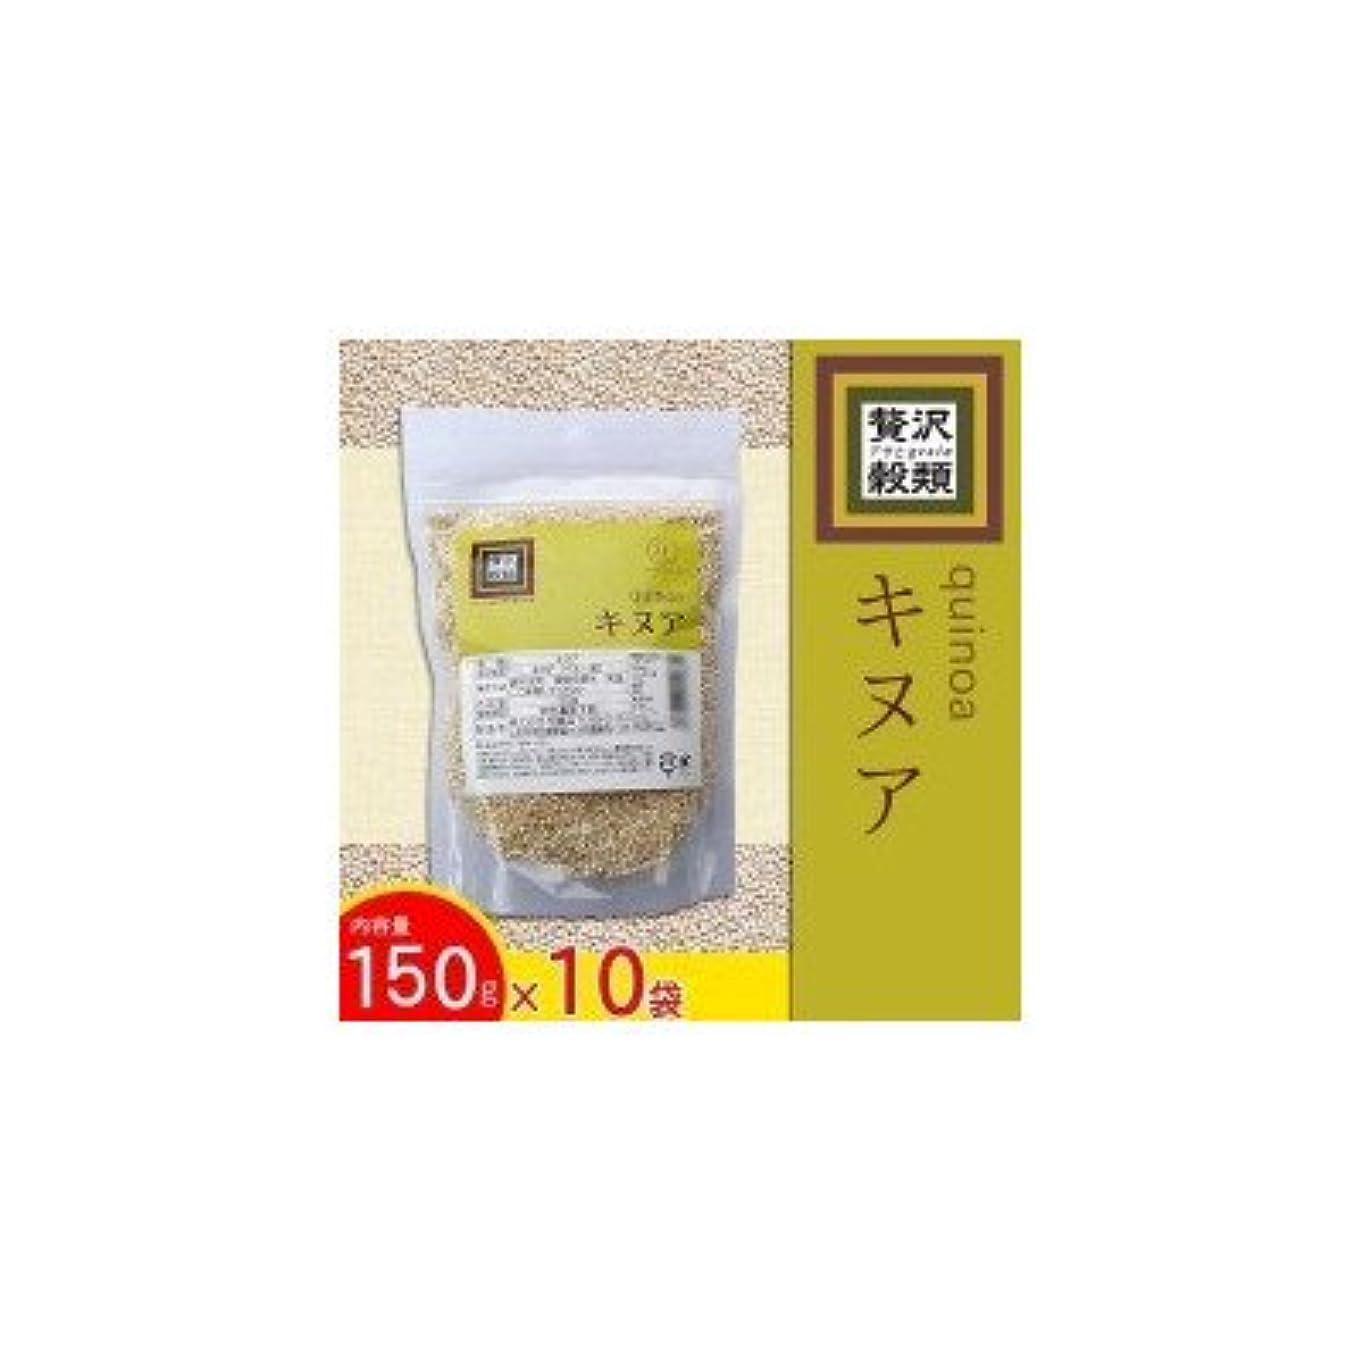 男やもめうぬぼれた枝贅沢穀類 キヌア 150g×10袋